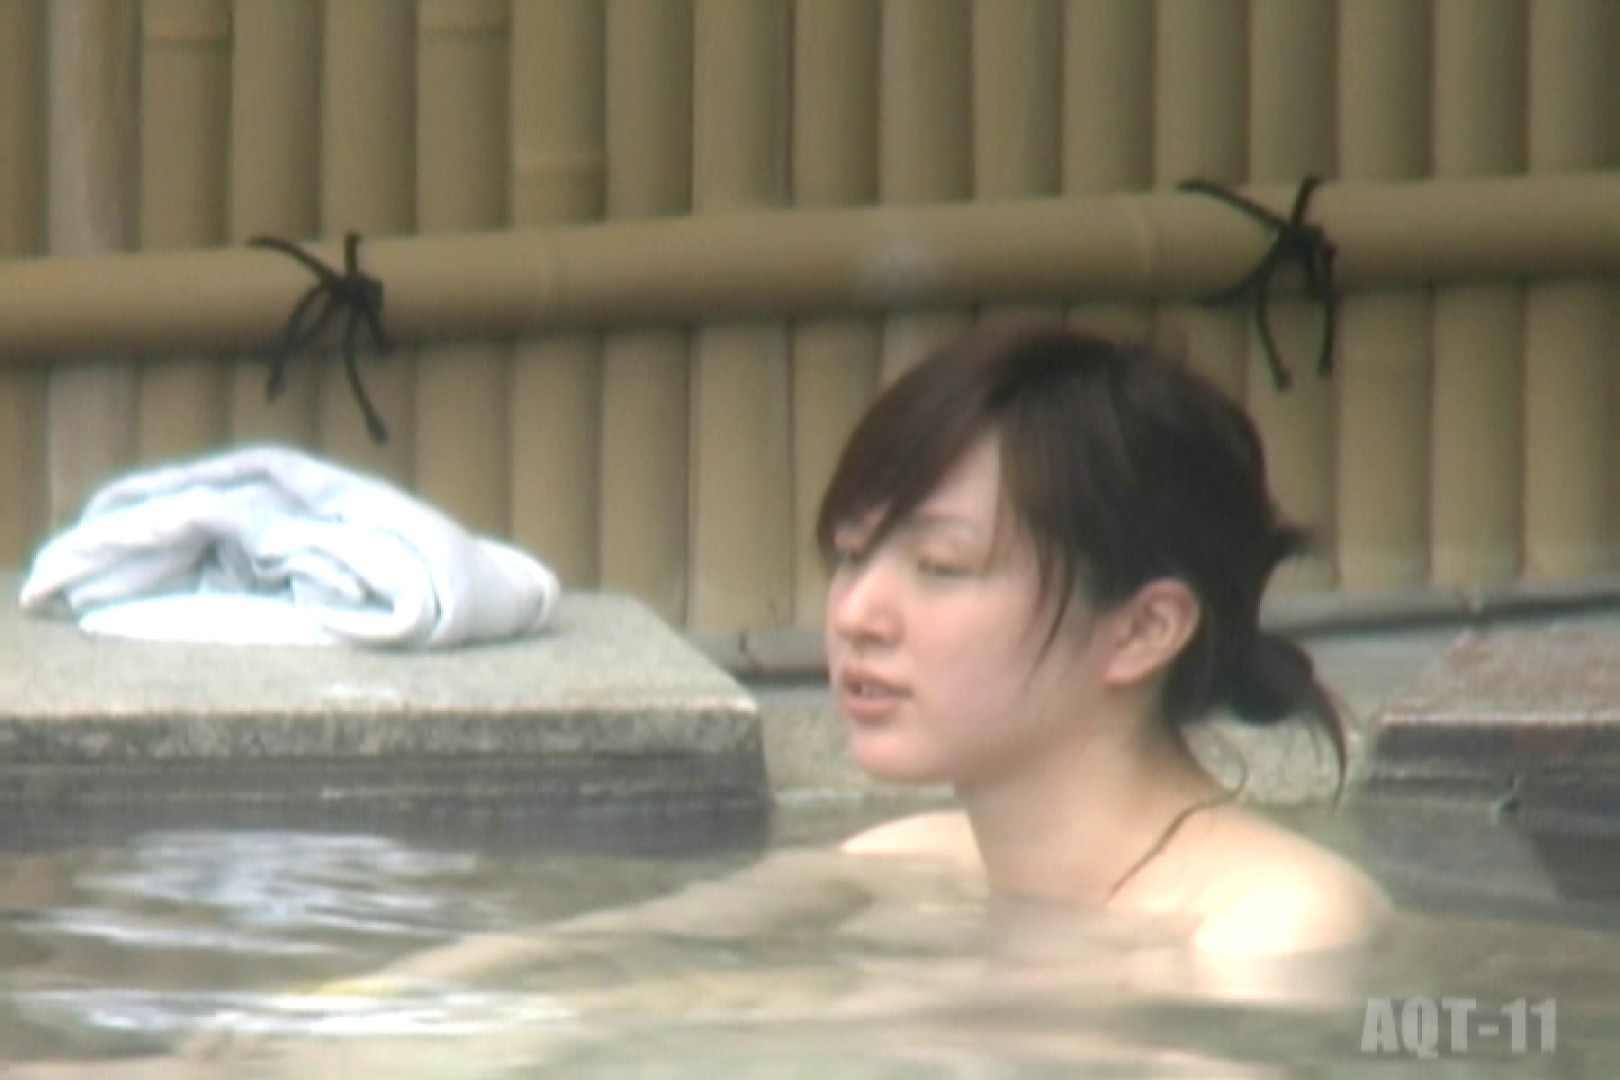 Aquaな露天風呂Vol.798 いやらしいOL ワレメ動画紹介 17連発 12